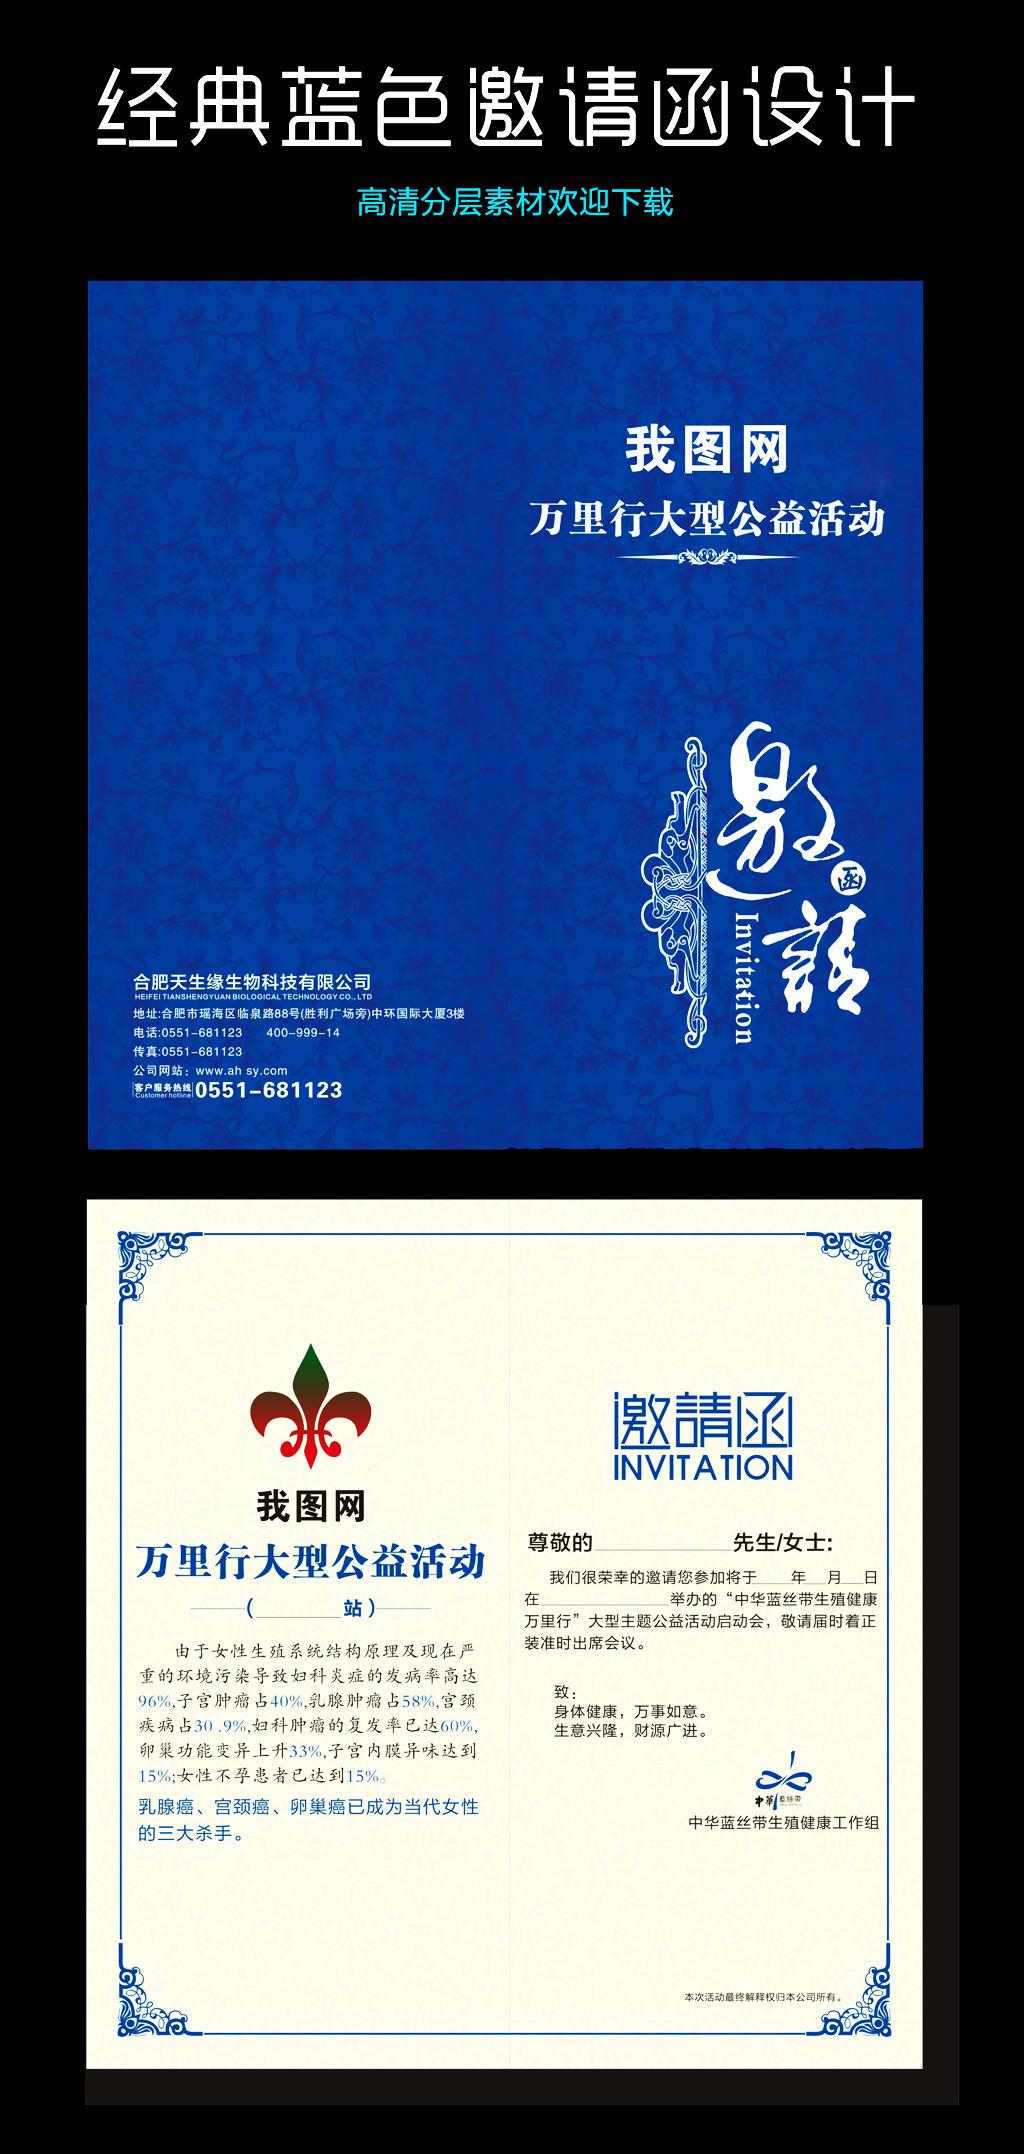 蓝色简约邀请函模板下载(图片编号:12549737)_邀请函